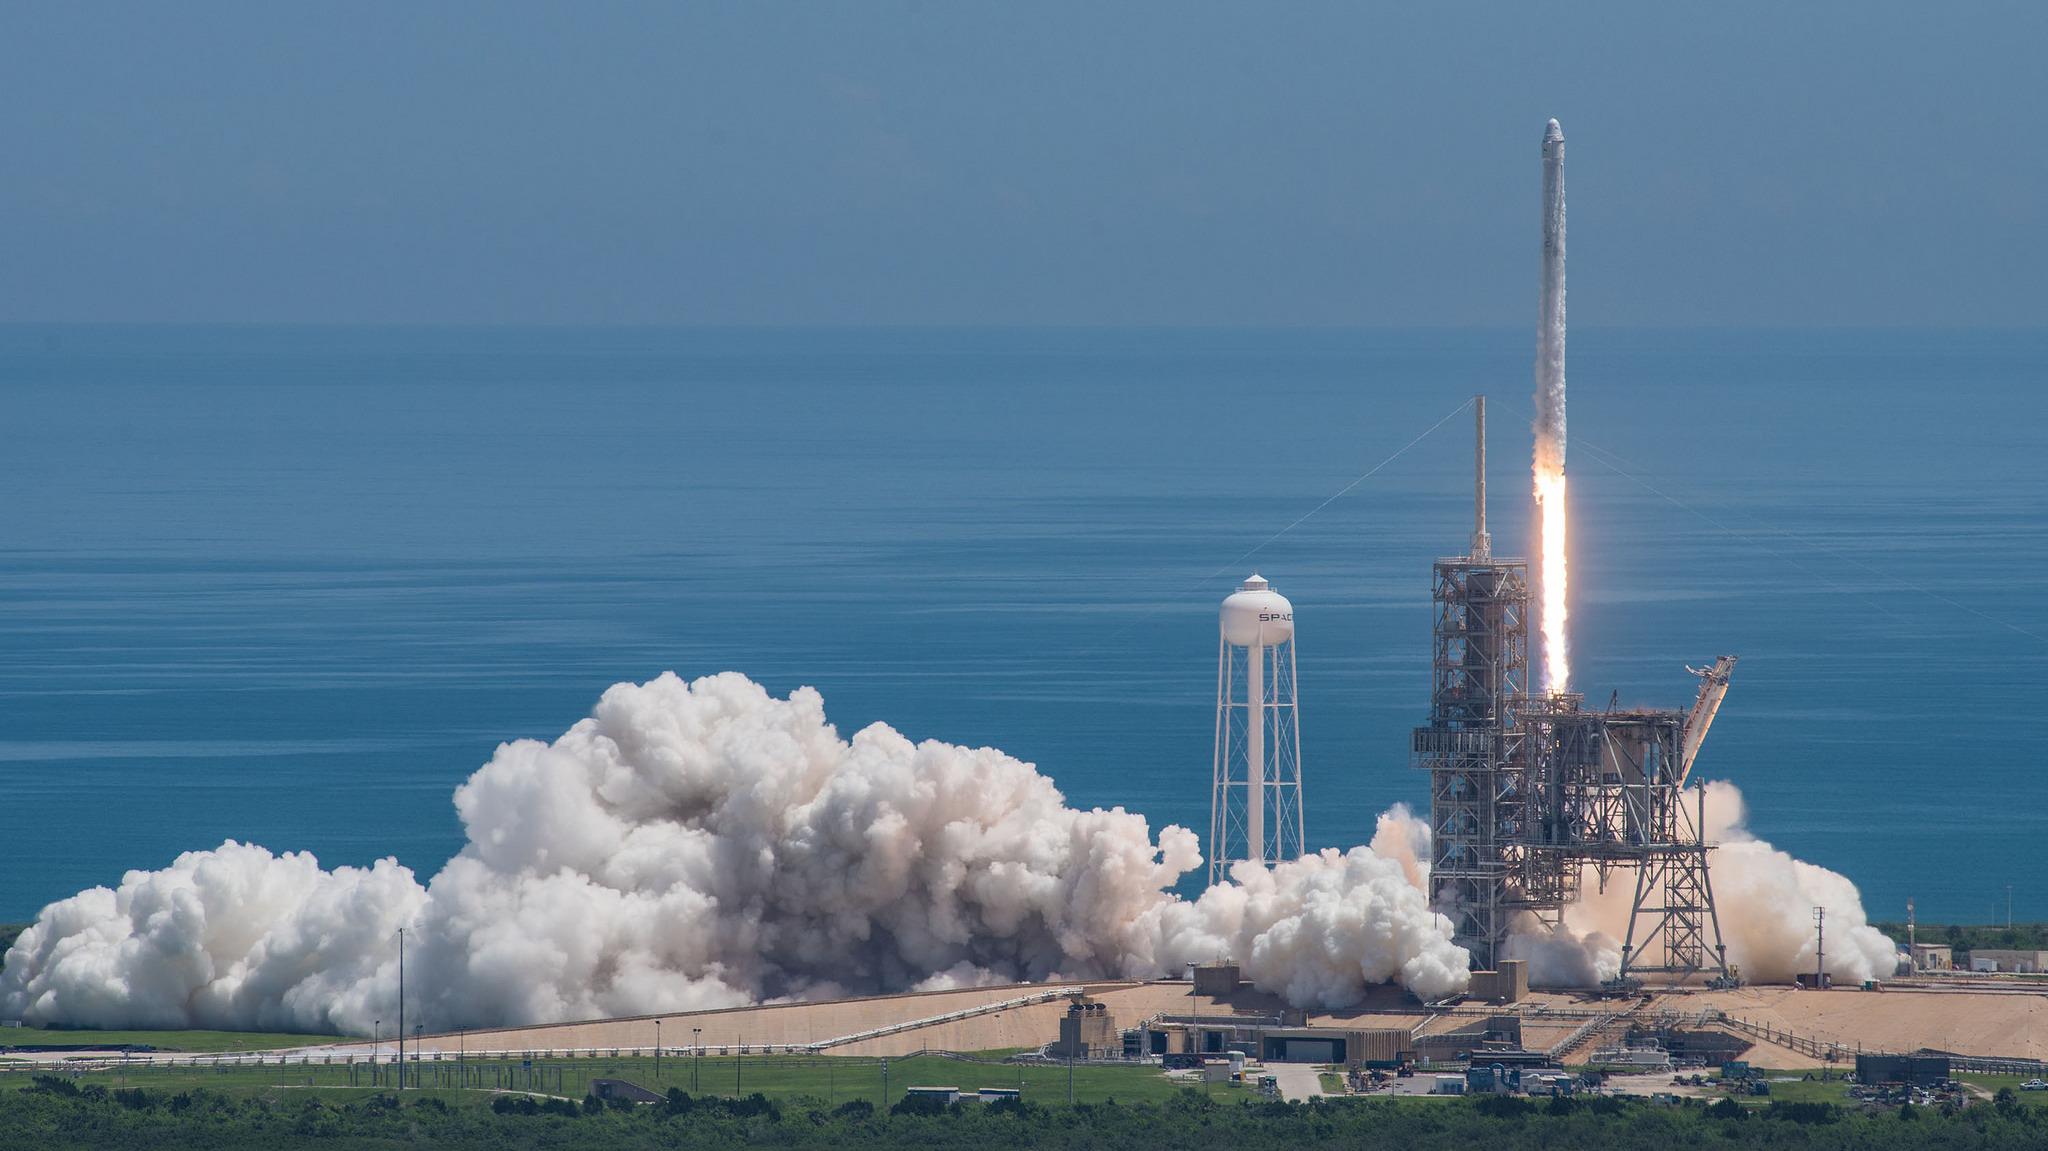 SpaceX: Raumfrachter Dragon zur ISS gestartet | heise online